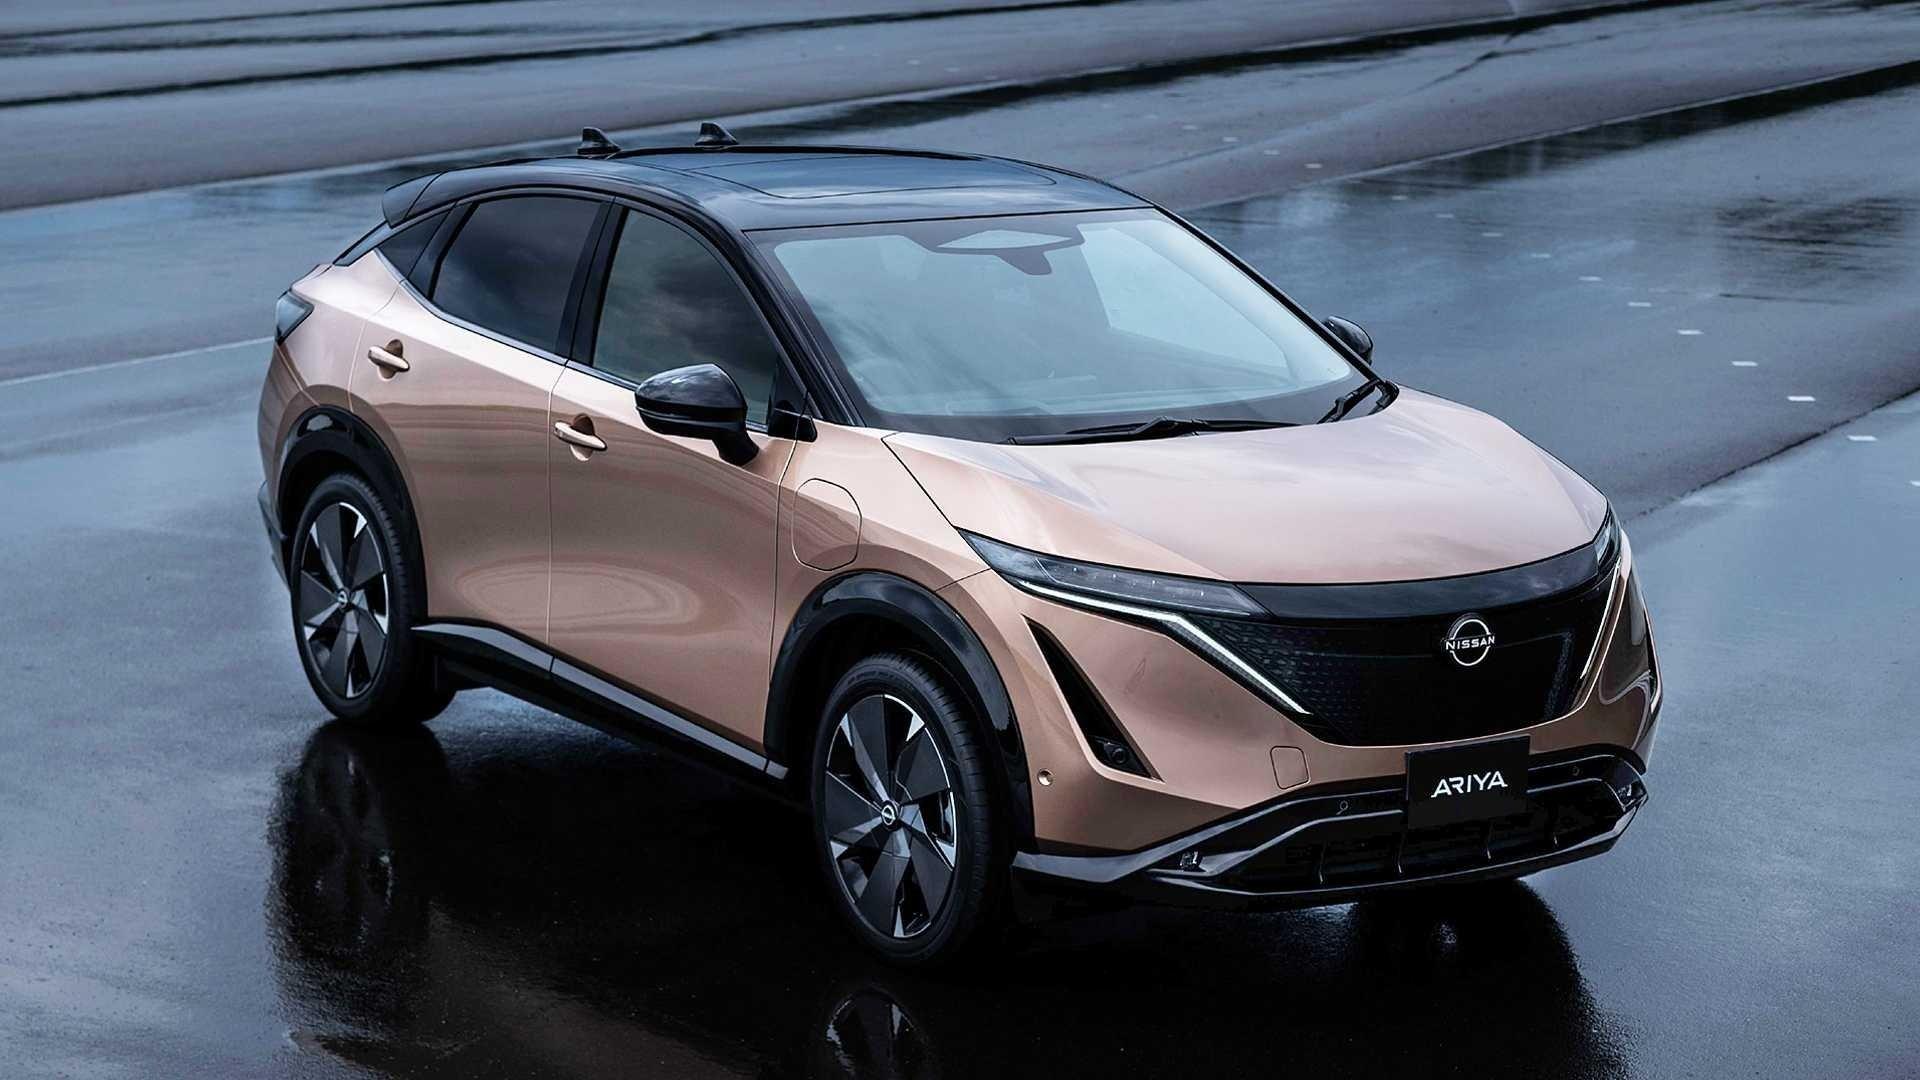 İşte Tesla'nın yeni rakibi! Nissan elektrikli SUV'u Ariya kendini gösterdi.